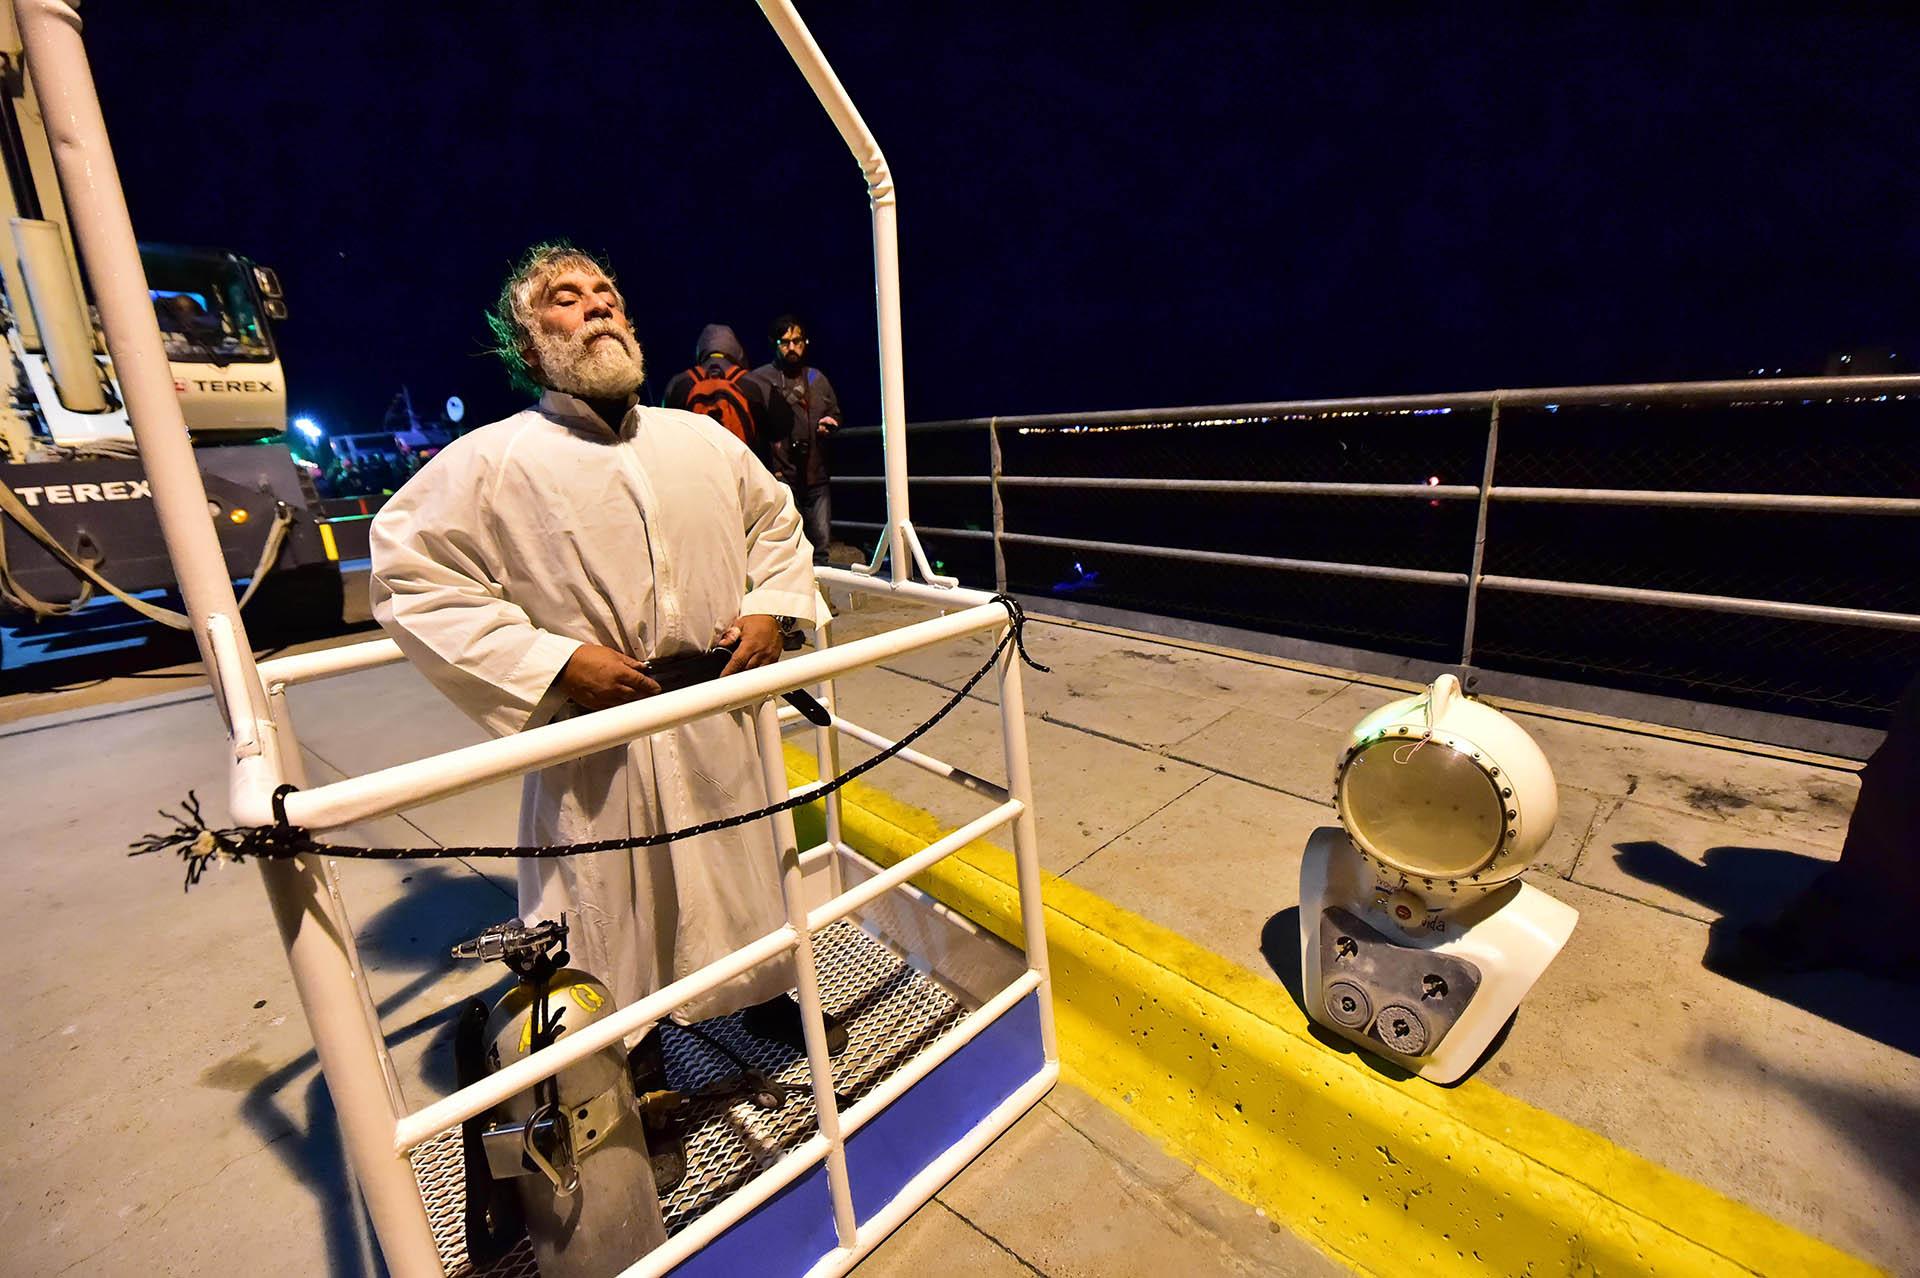 Puerto Madryn, El 14to. Vía Crucis submarino, revivió la fe de la multitud que participó de la emotiva ceremonia en el Golfo Nuevo de Puerto Madryn